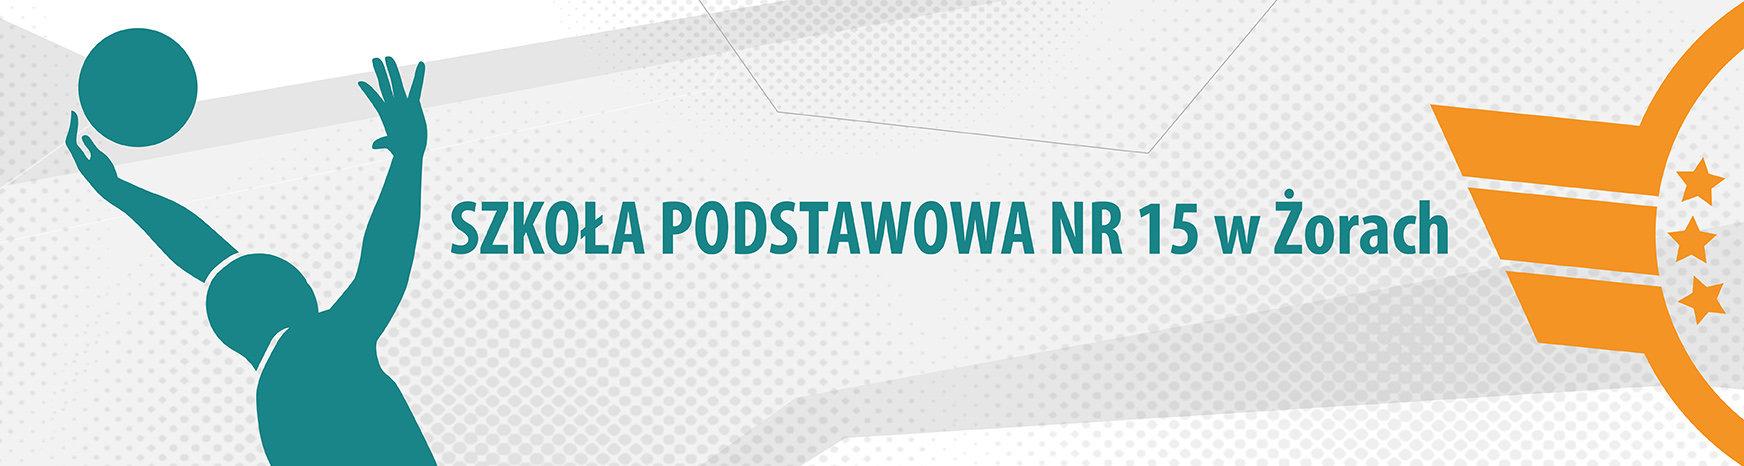 Szkoła Podstawowa nr 15 w Żorach.